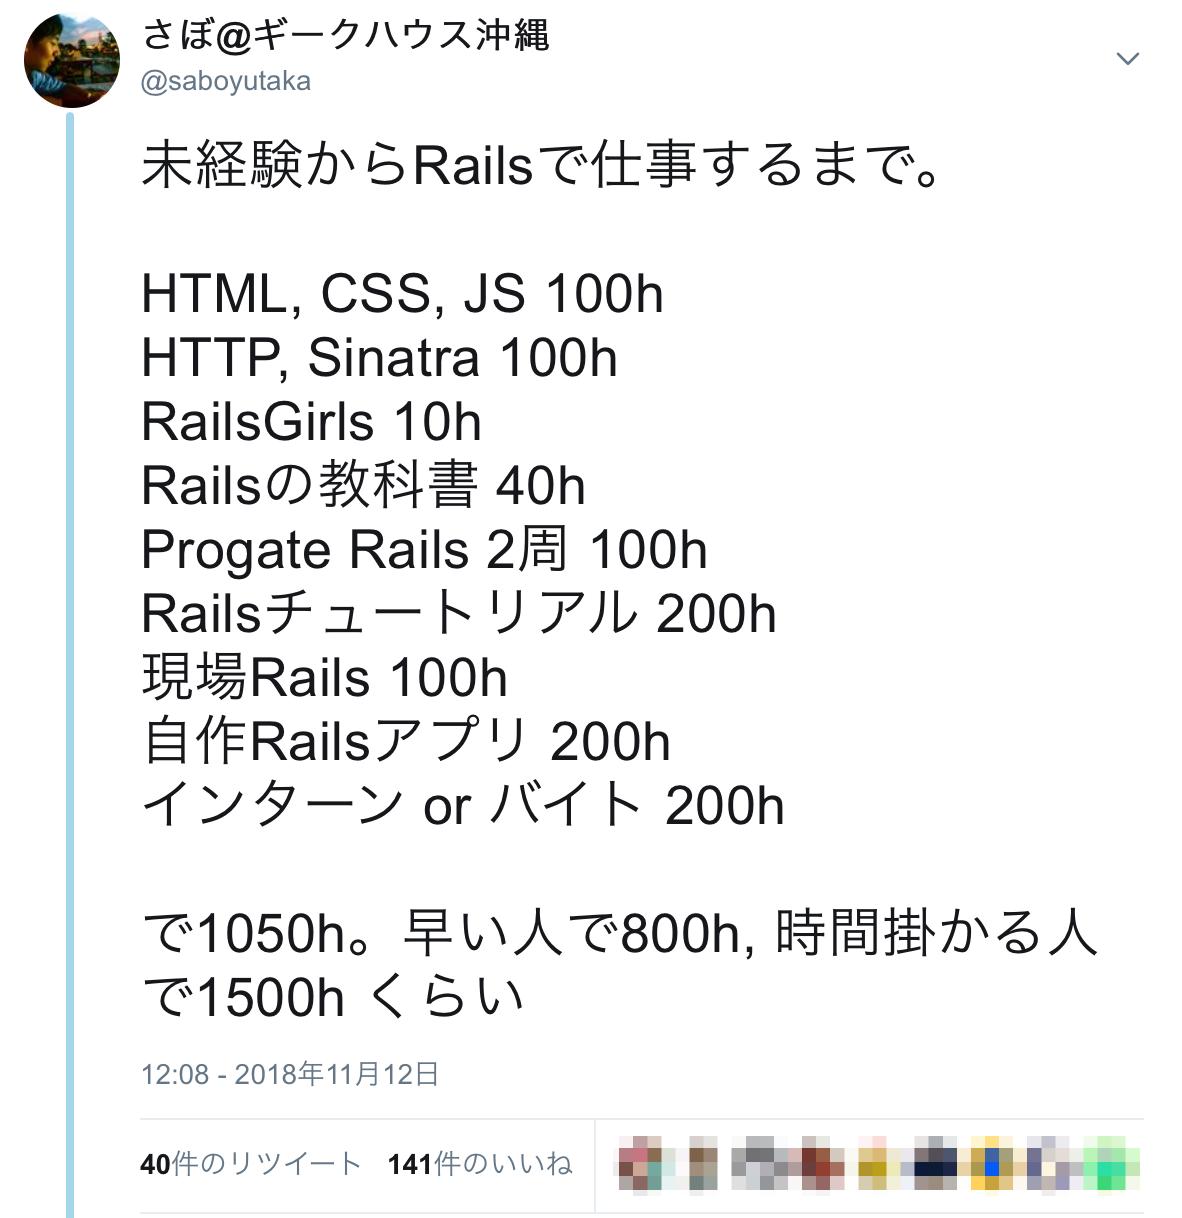 さぼ_ギークハウス沖縄さんのツイート___未経験からRailsで仕事するまで。_HTML__CSS__JS_100h_HTTP__Sinatra_100h_RailsGirls_10h_Railsの教科書_40h_Progate_Rails_2周_100h_Railsチュートリアル_200h_現場Rails_100h_自作Railsアプリ_200h_インターン_or_バイト_200h_で1050h。早い人で800h__時間掛かる人で1500h_くらい_.png